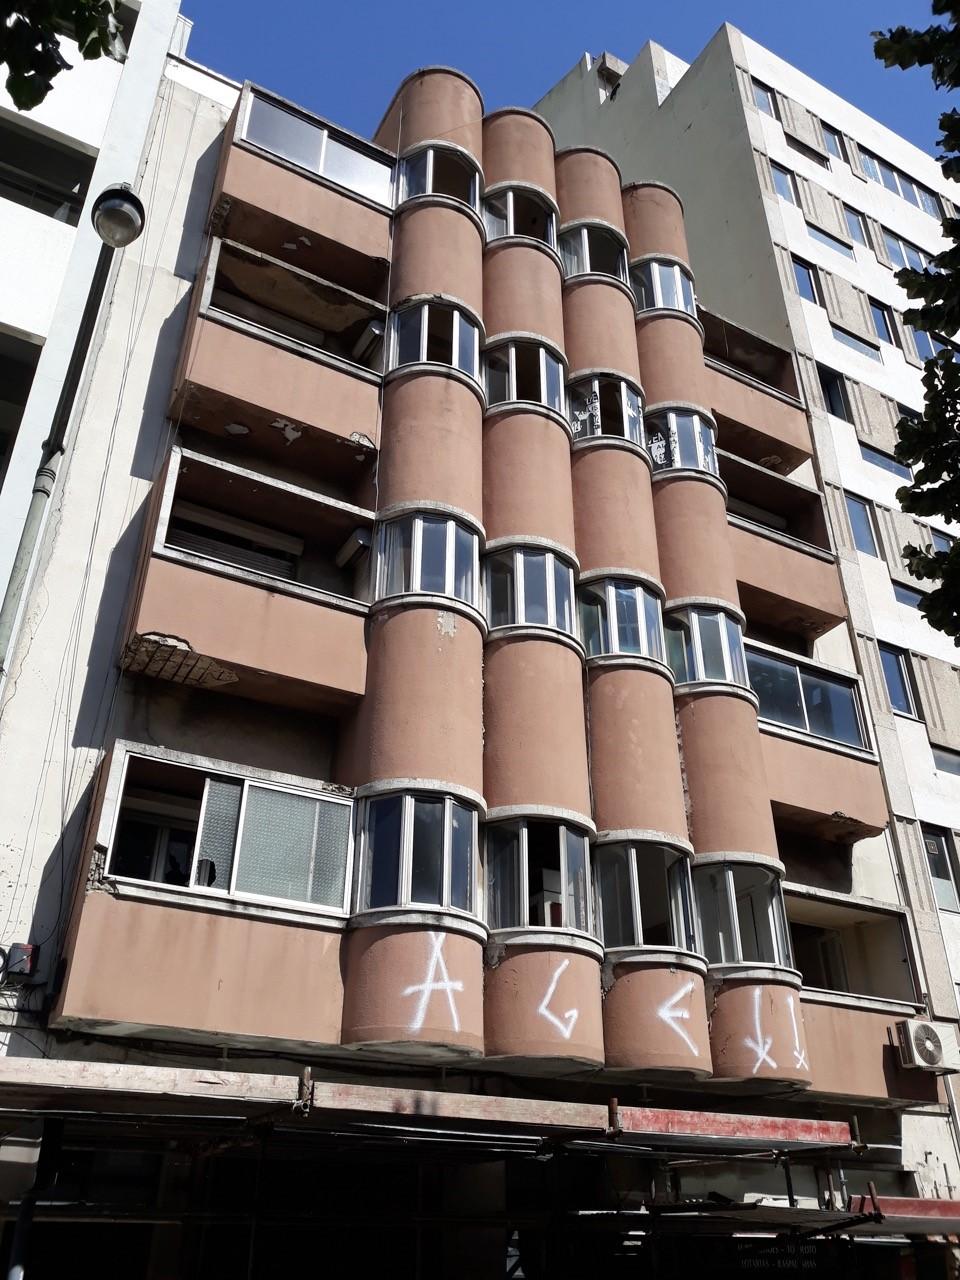 Fachada atual do edifício